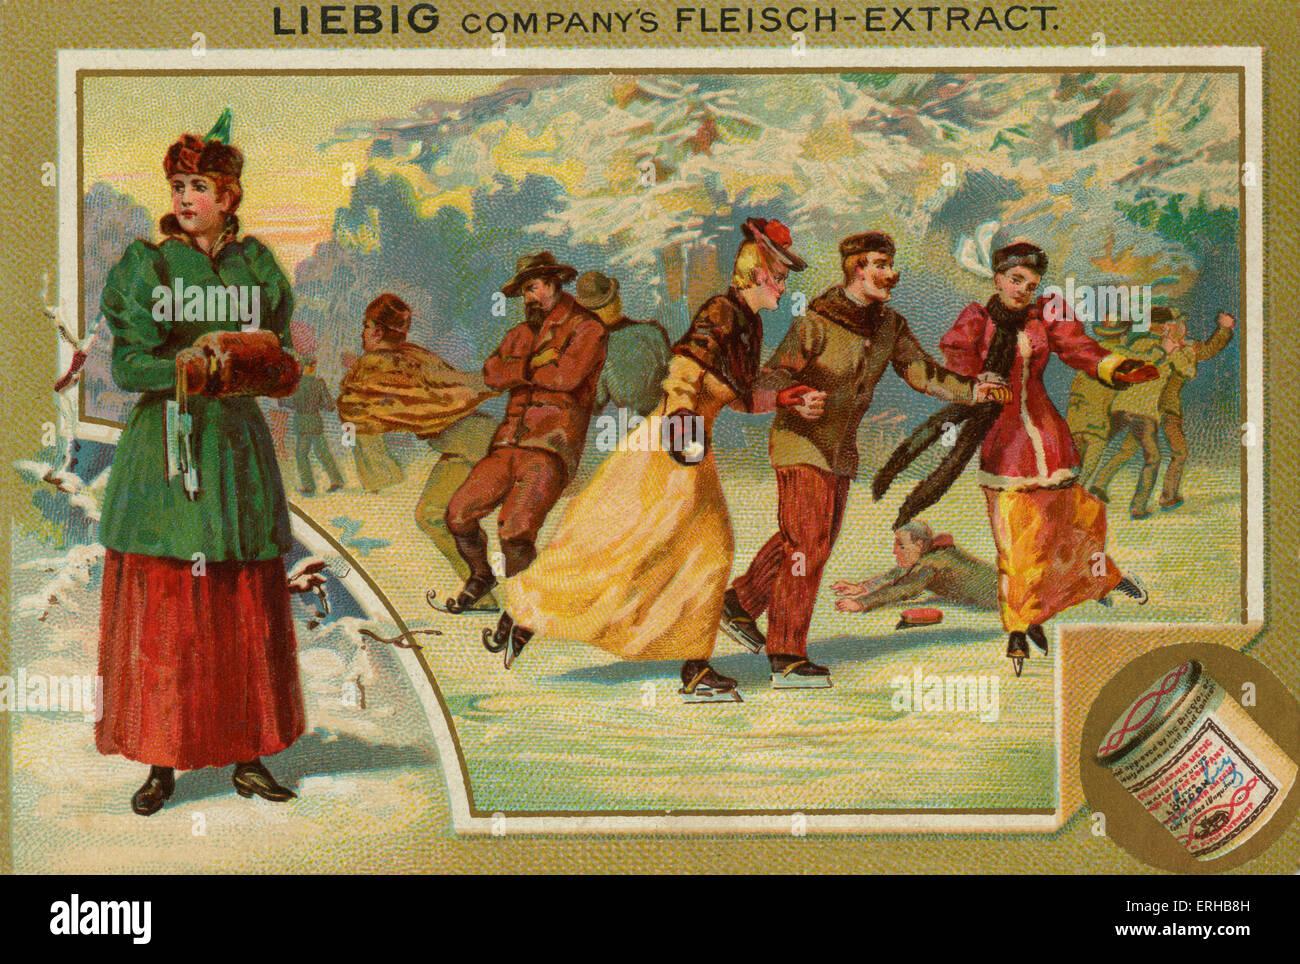 Eislaufen auf einem zugefrorenen See. Liebig-Karte, Sport, 1896. Stockbild